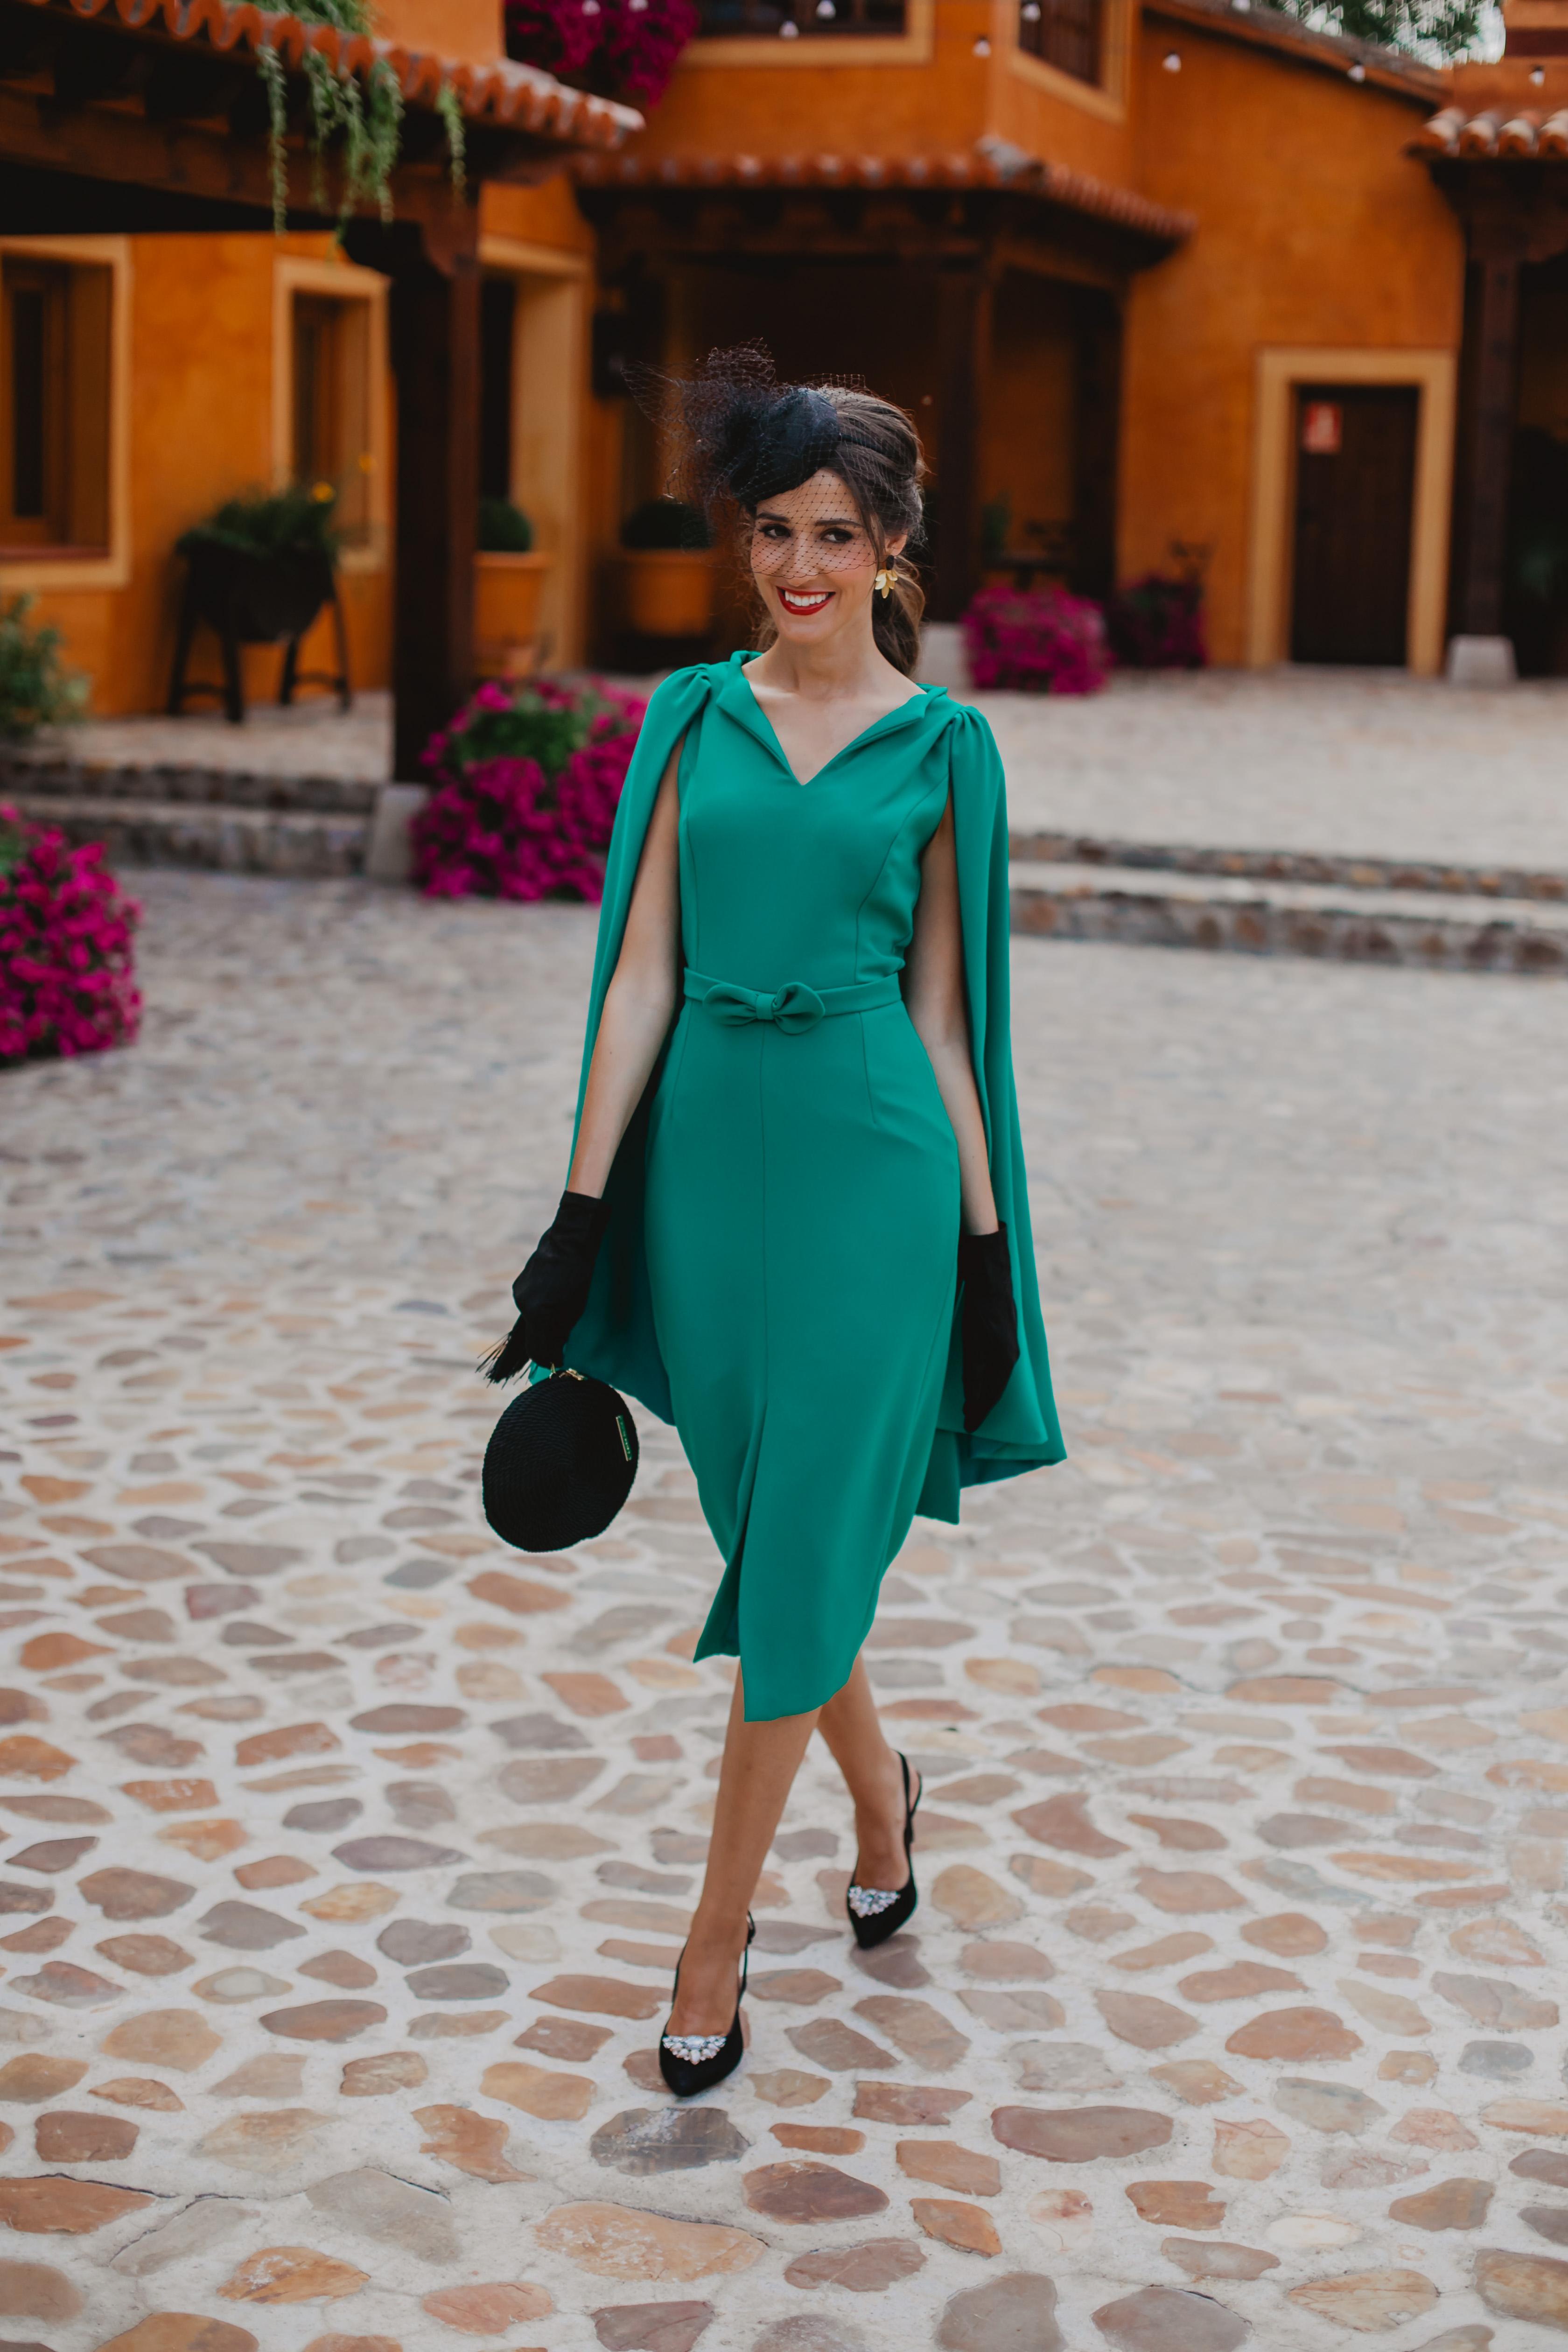 Look invitada 2019 boda mangas capa vintage vestido verde tocado